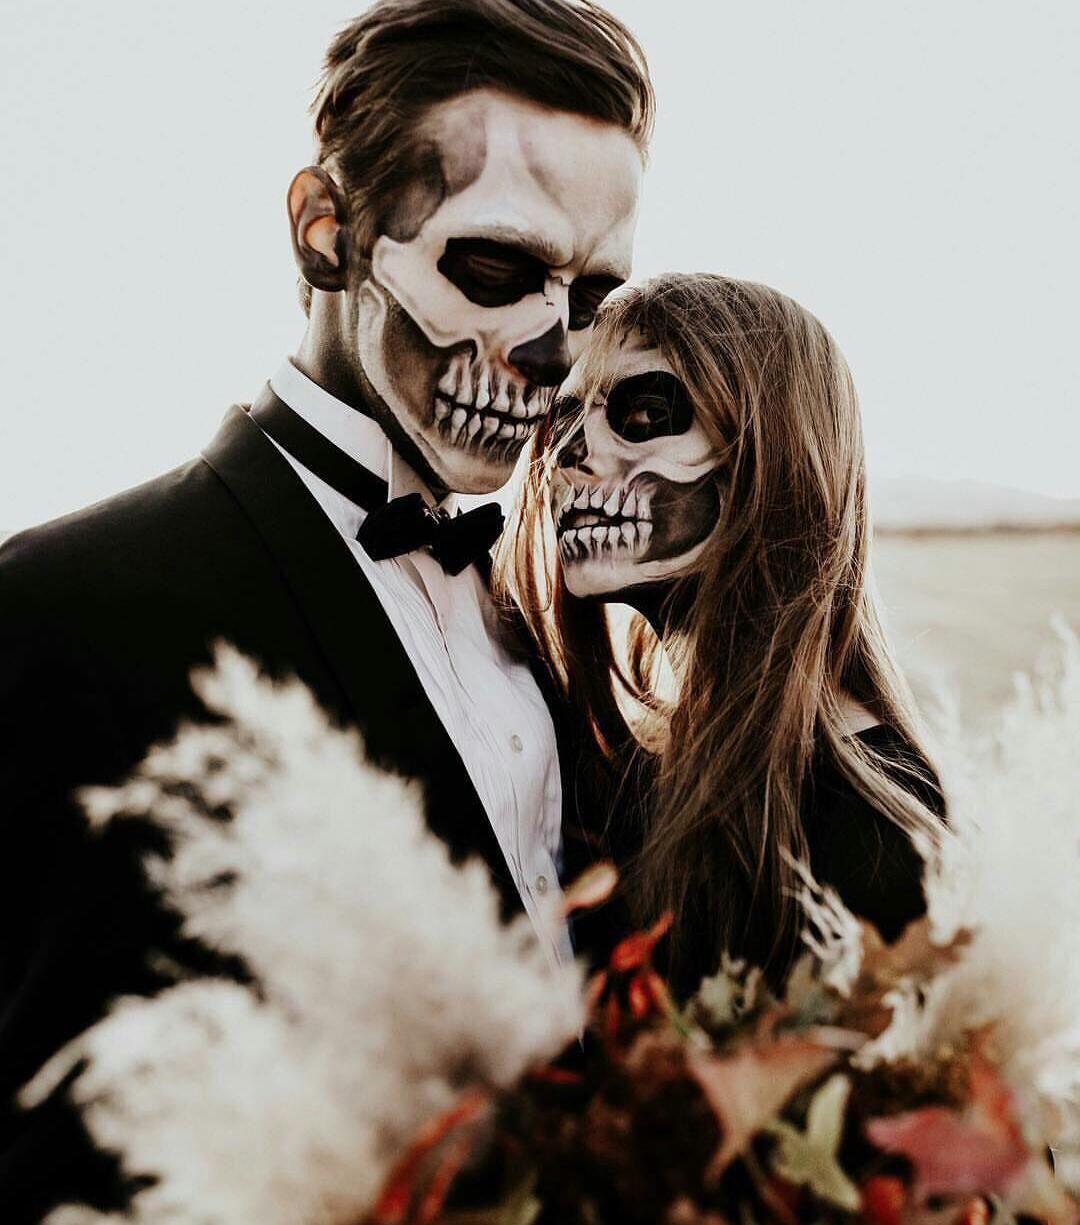 Pin de Moni ️ en Love (con imágenes) - Maquillaje catrin hombre, Maquillaje de halloween de ...